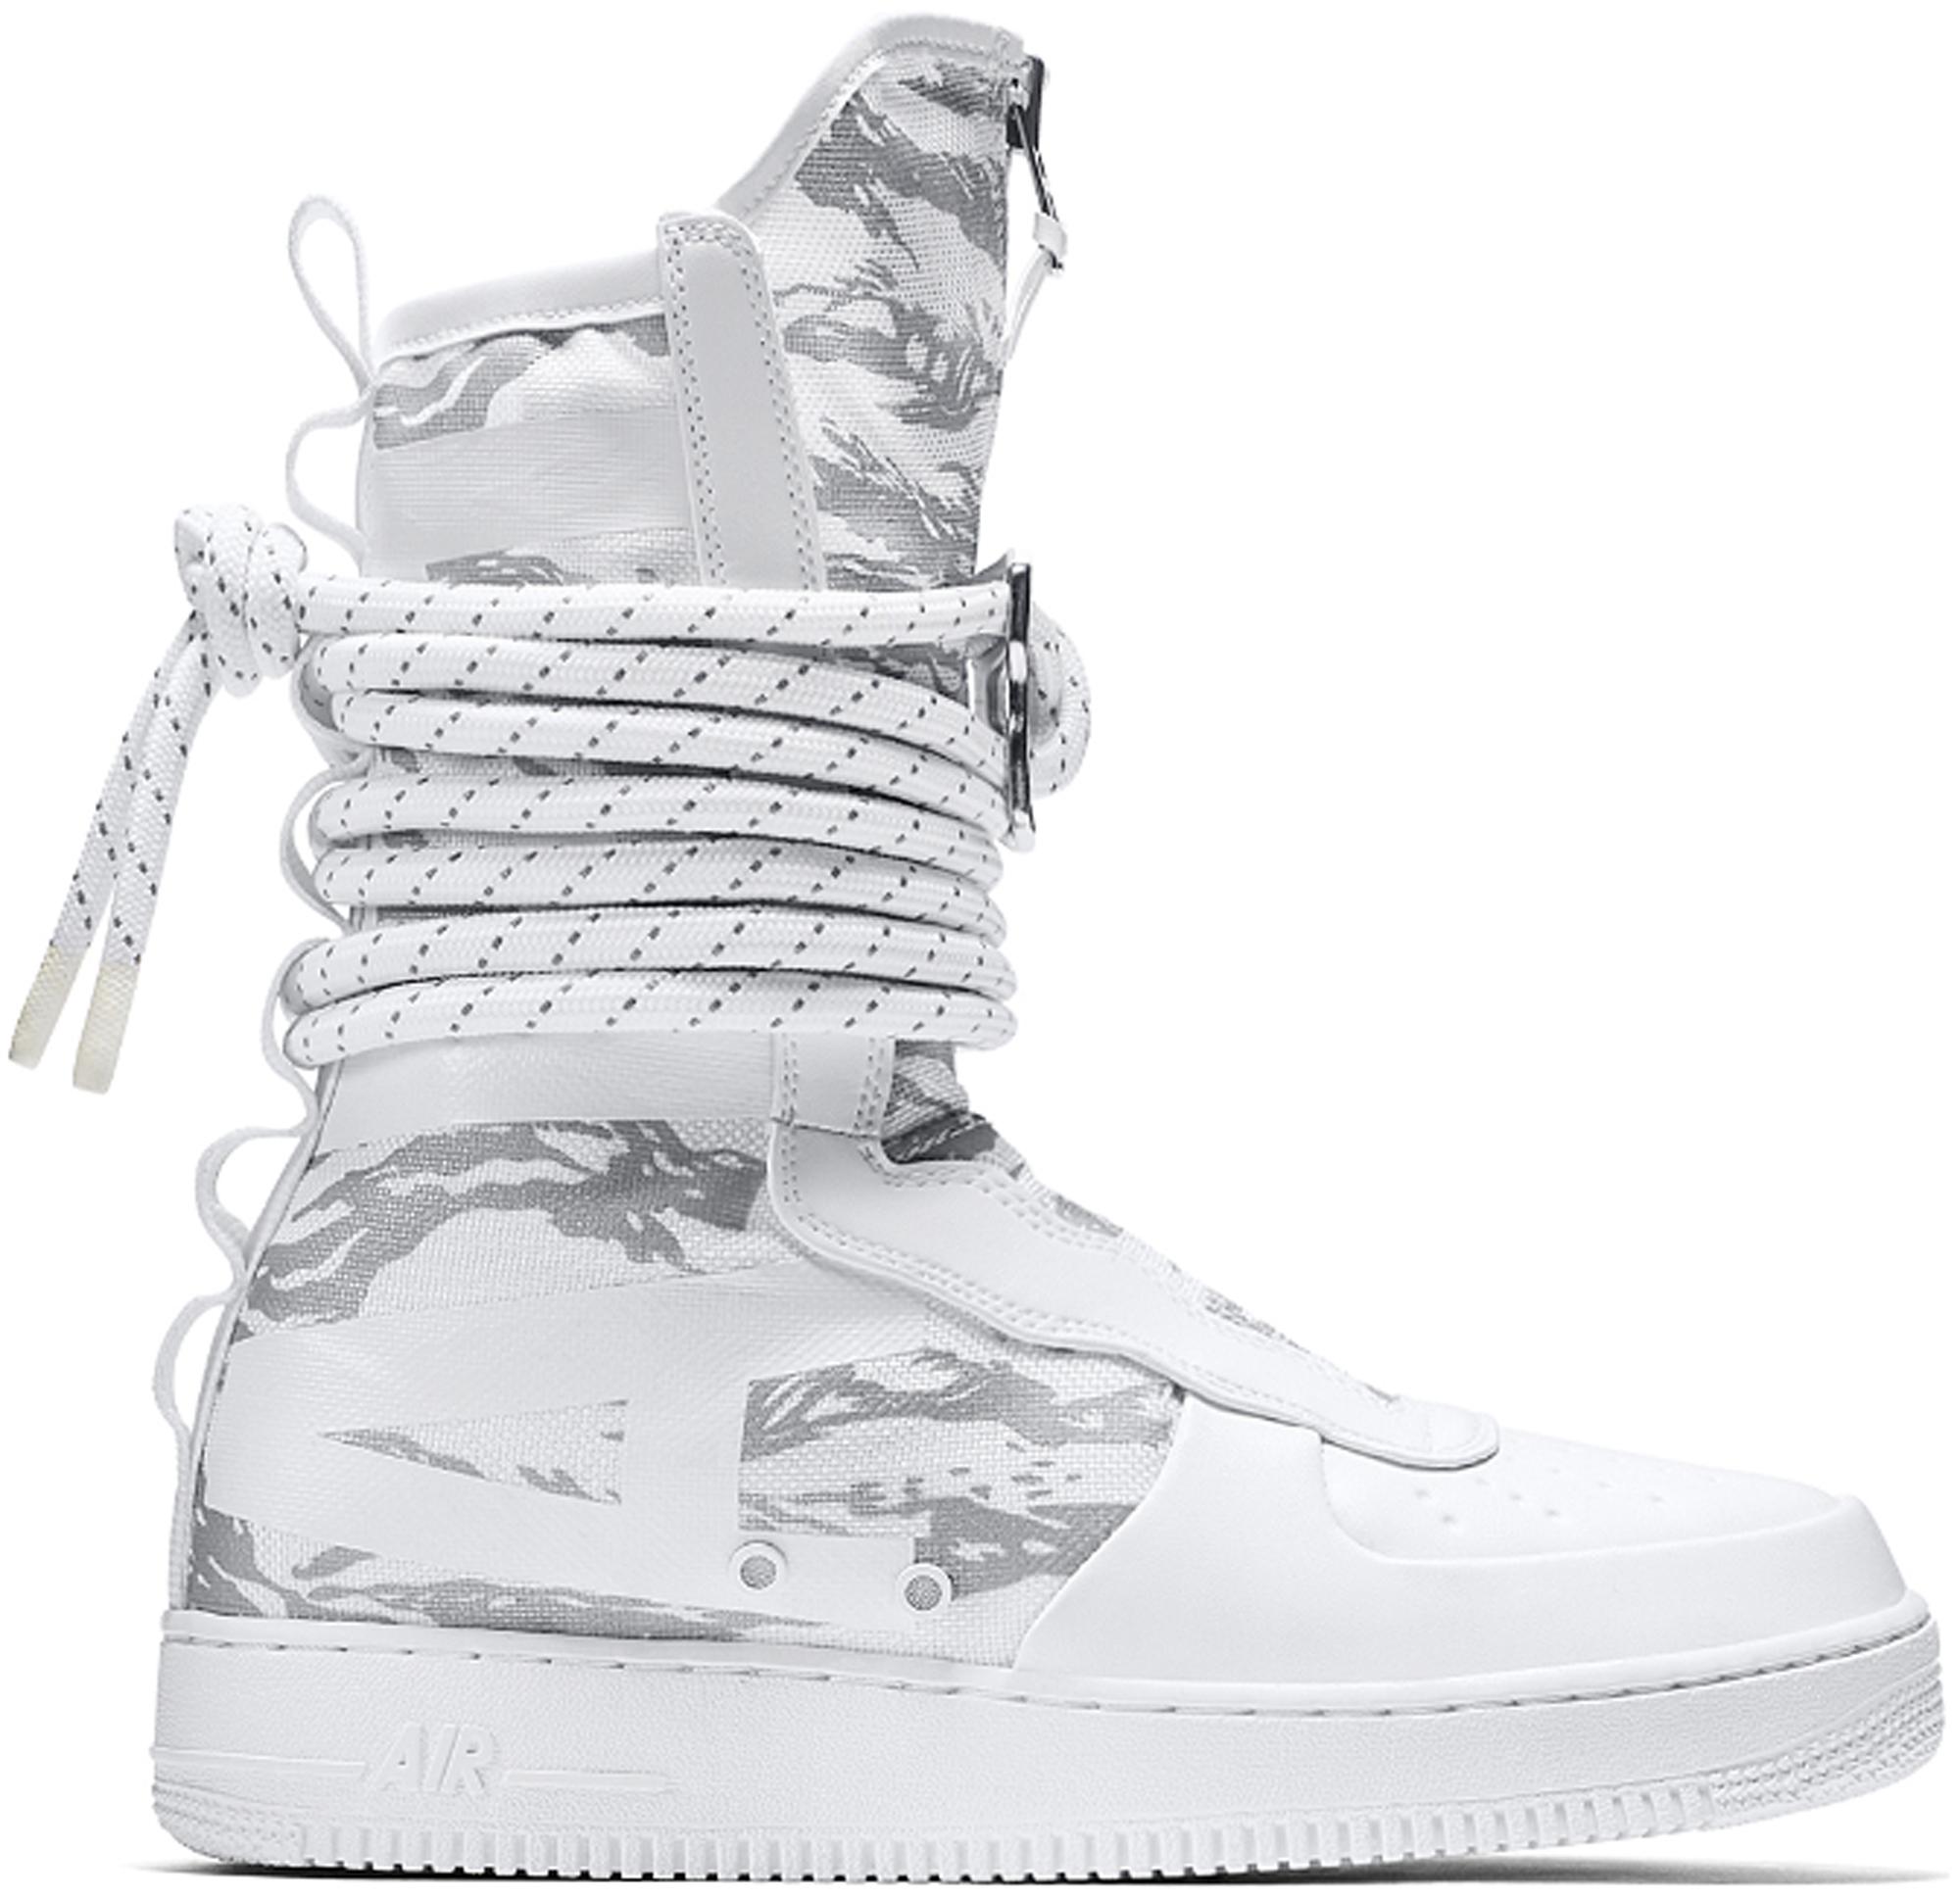 Nike SF Air Force 1 High Winter Camo